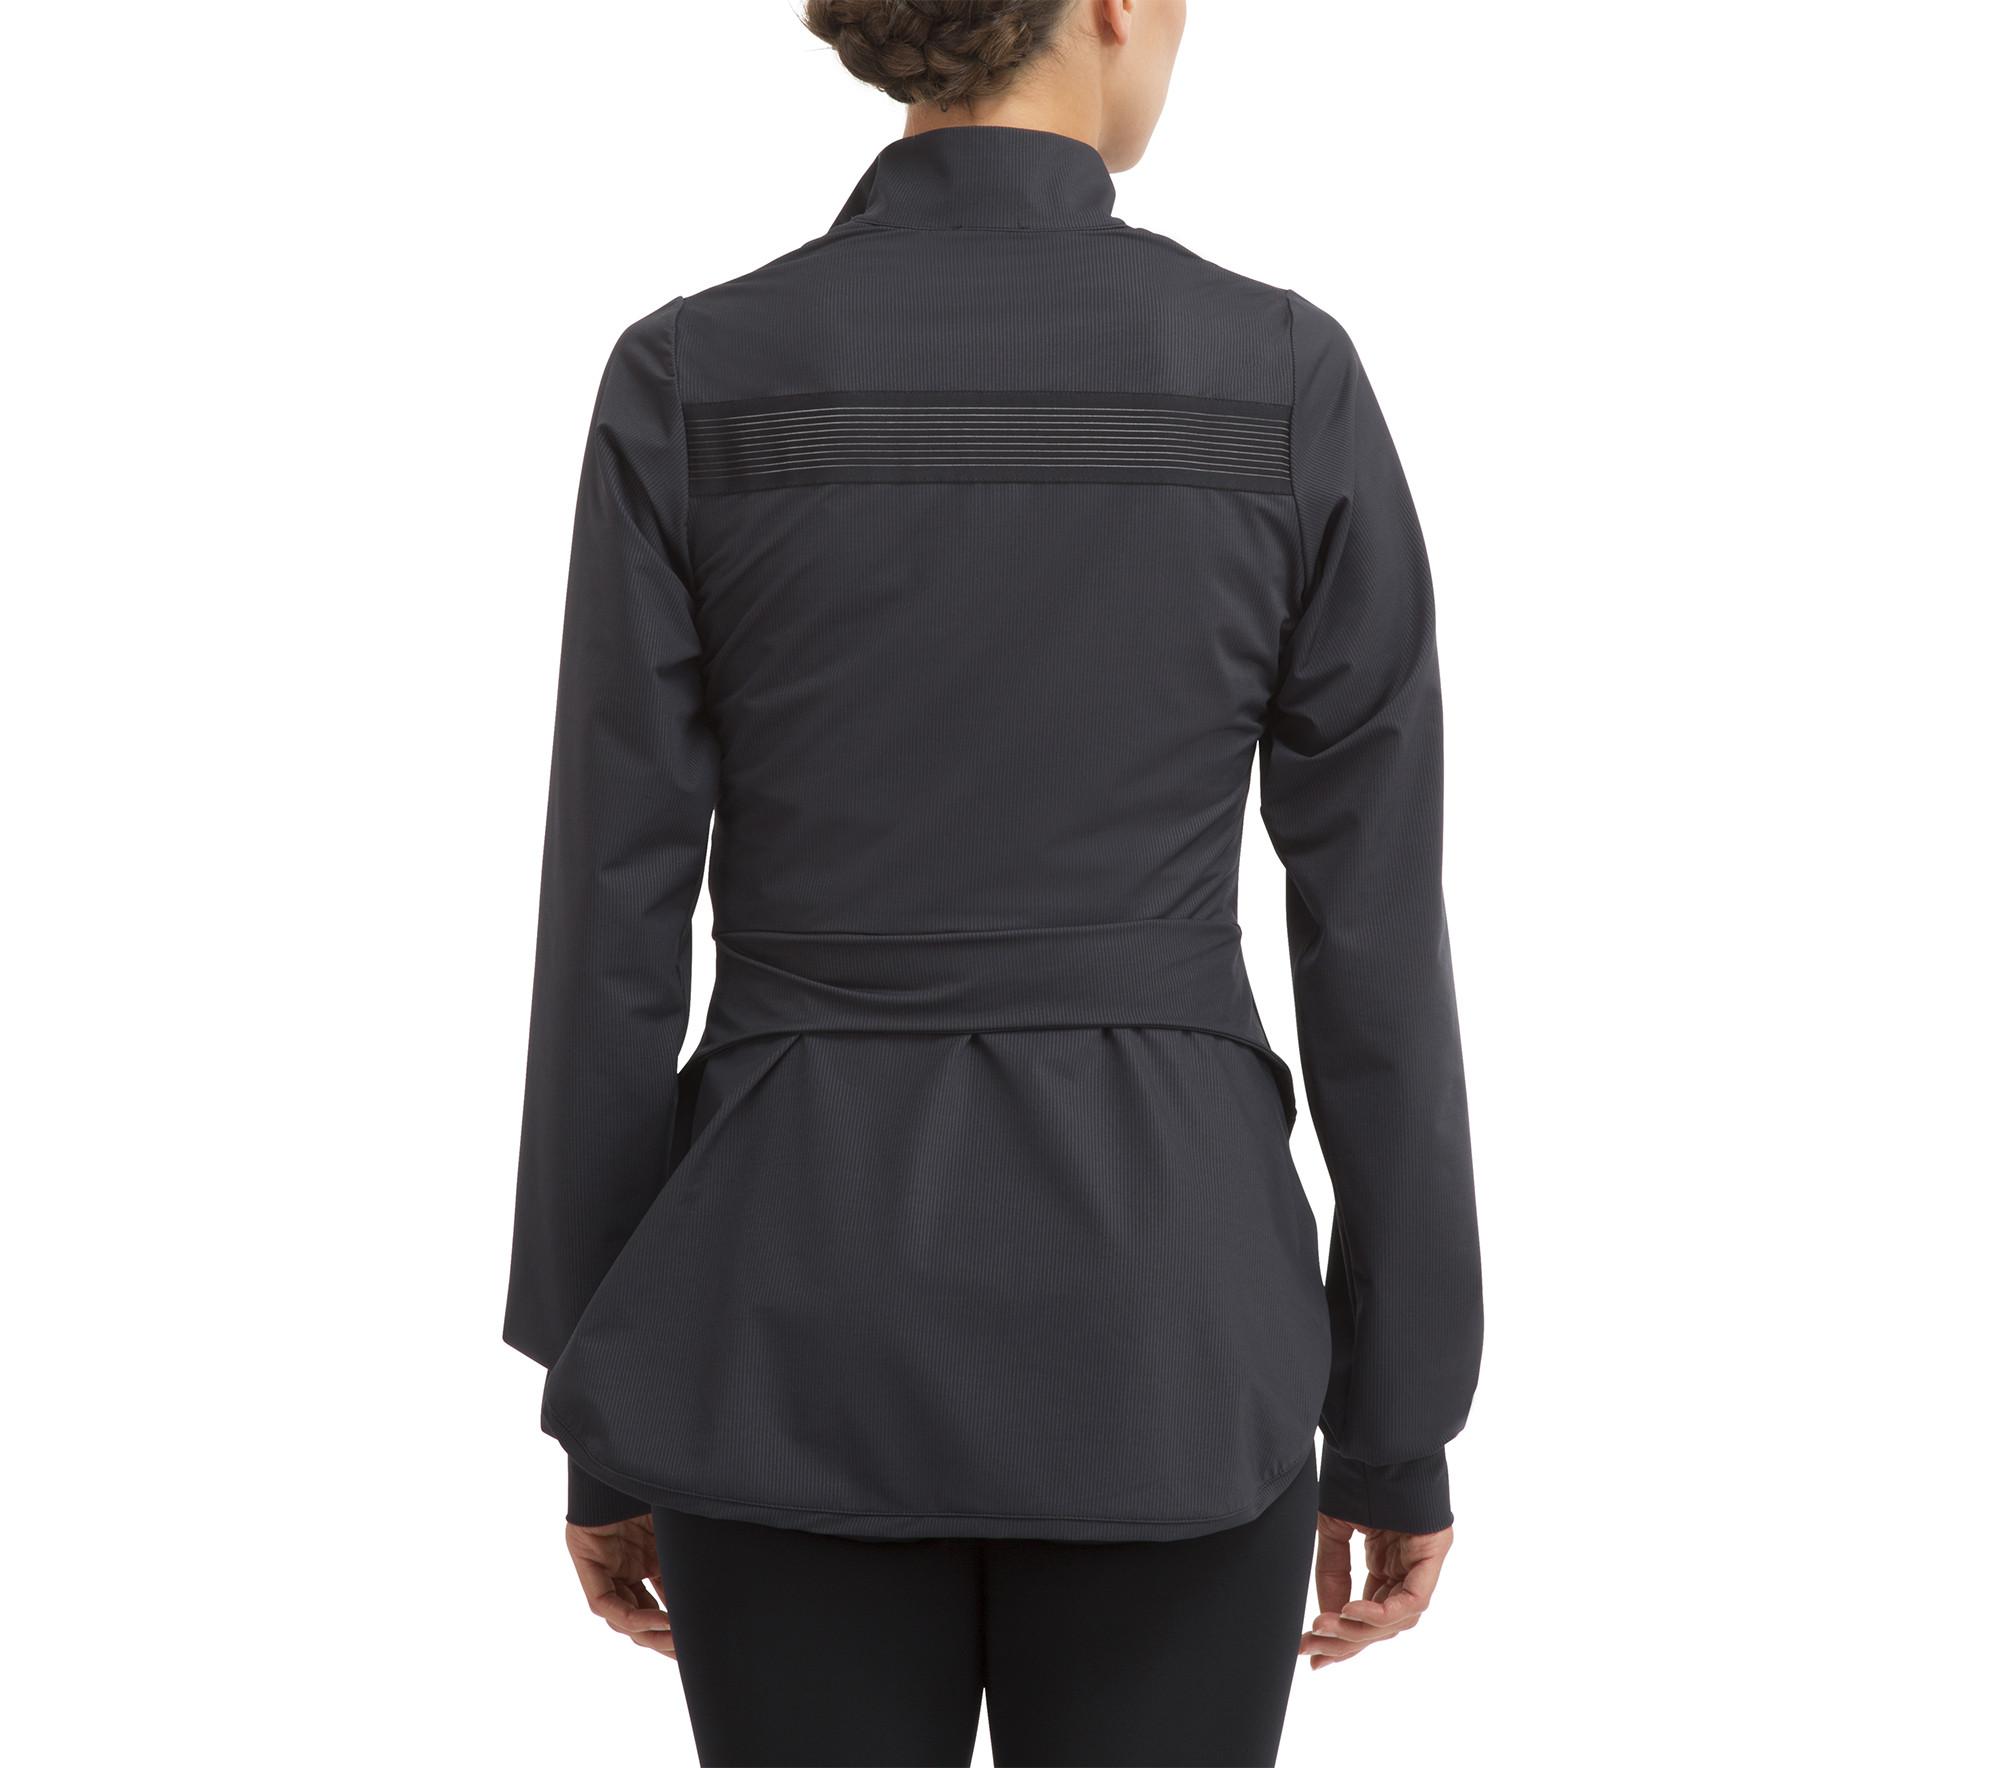 Hemdjacke aus Stretch